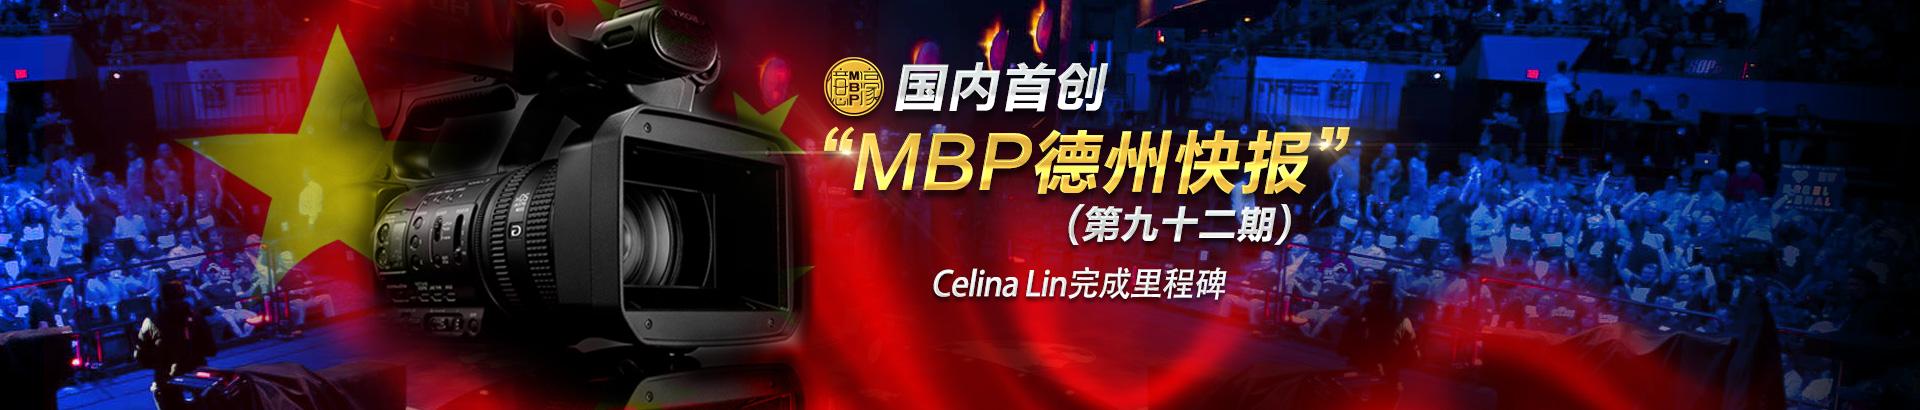 第92期:Celina Lin完成里程碑